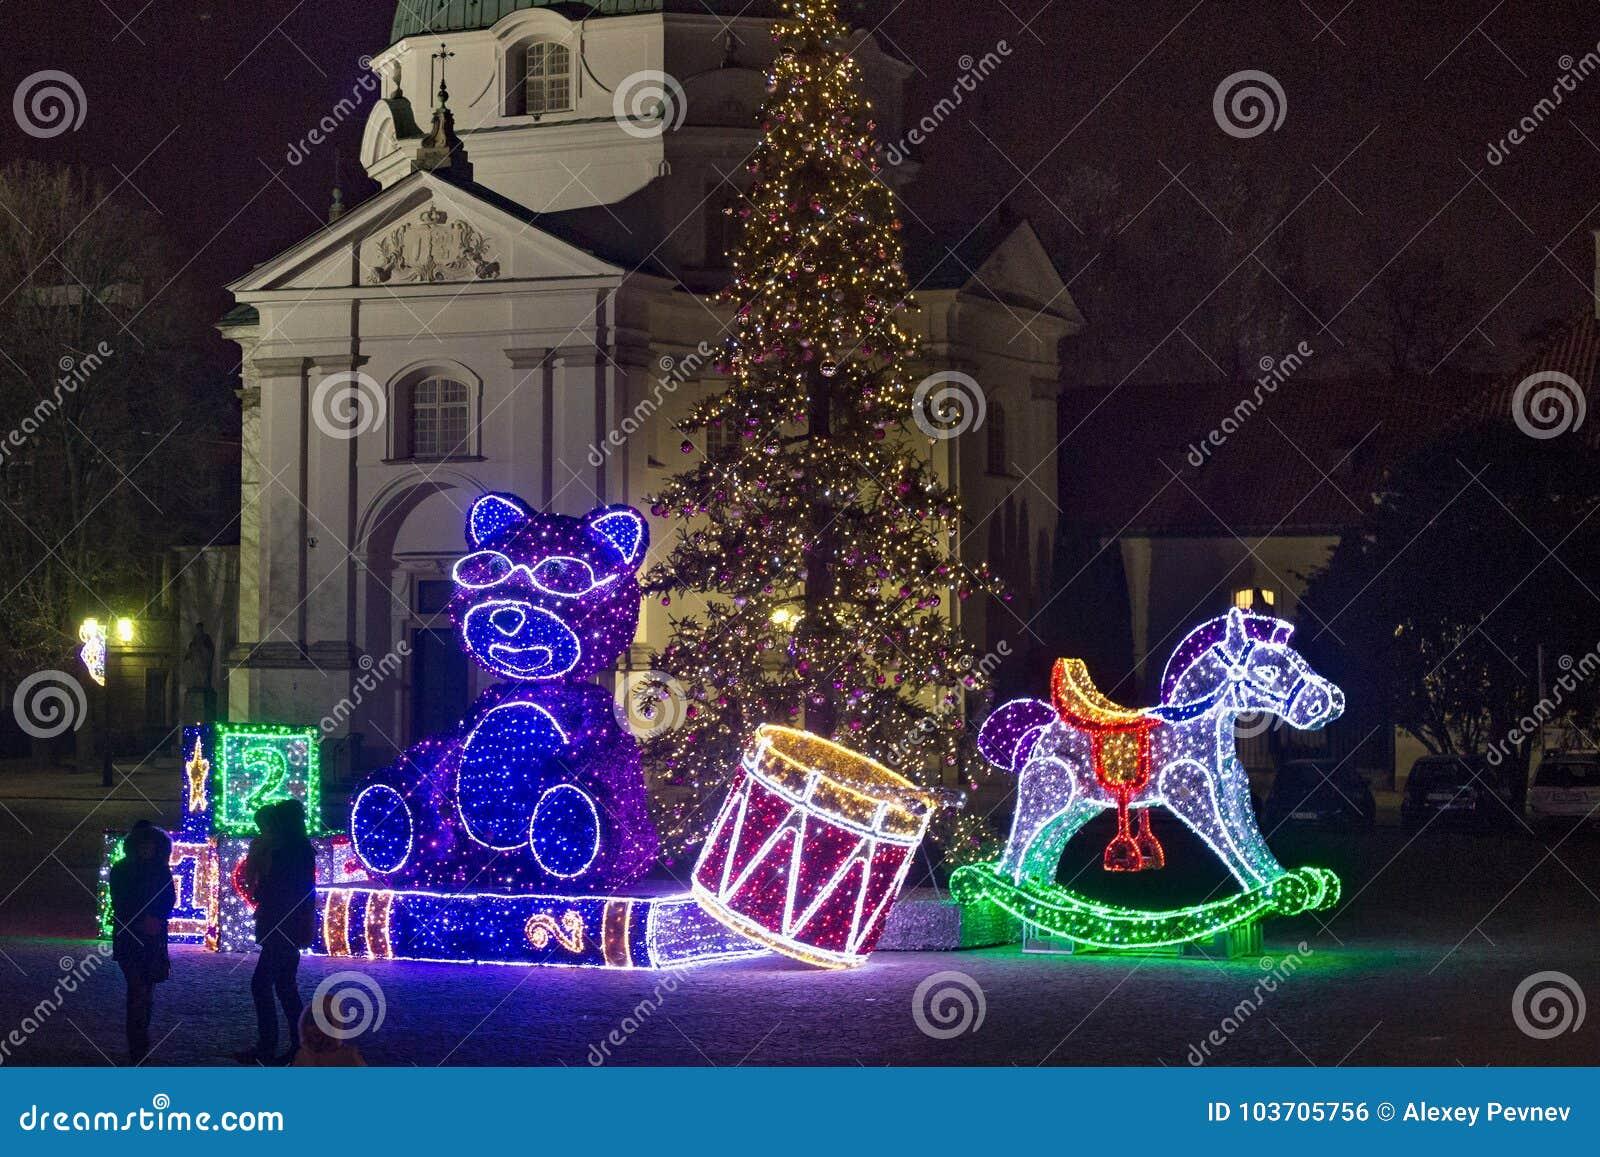 VARSOVIE, POLOGNE - 2 JANVIER 2016 : Décorations électriques de Noël dans la place du marché de la ville nouvelle